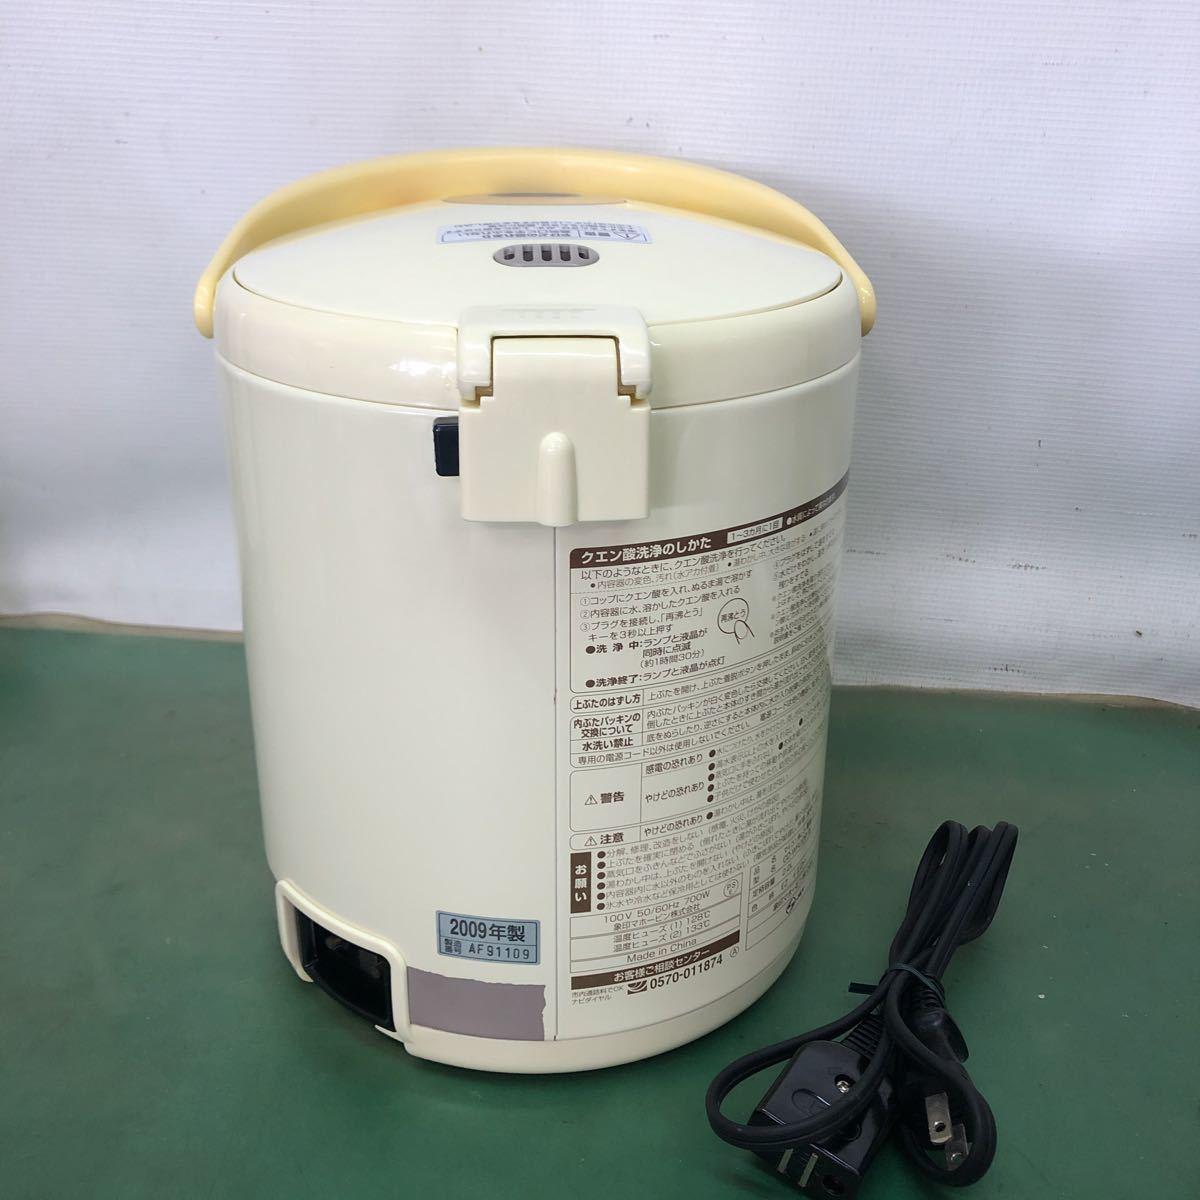 象印 ZOJIRUSHI CD-WR22Pポット(2.2L) マイコン沸とう電動ポット くまのプーさん_画像8